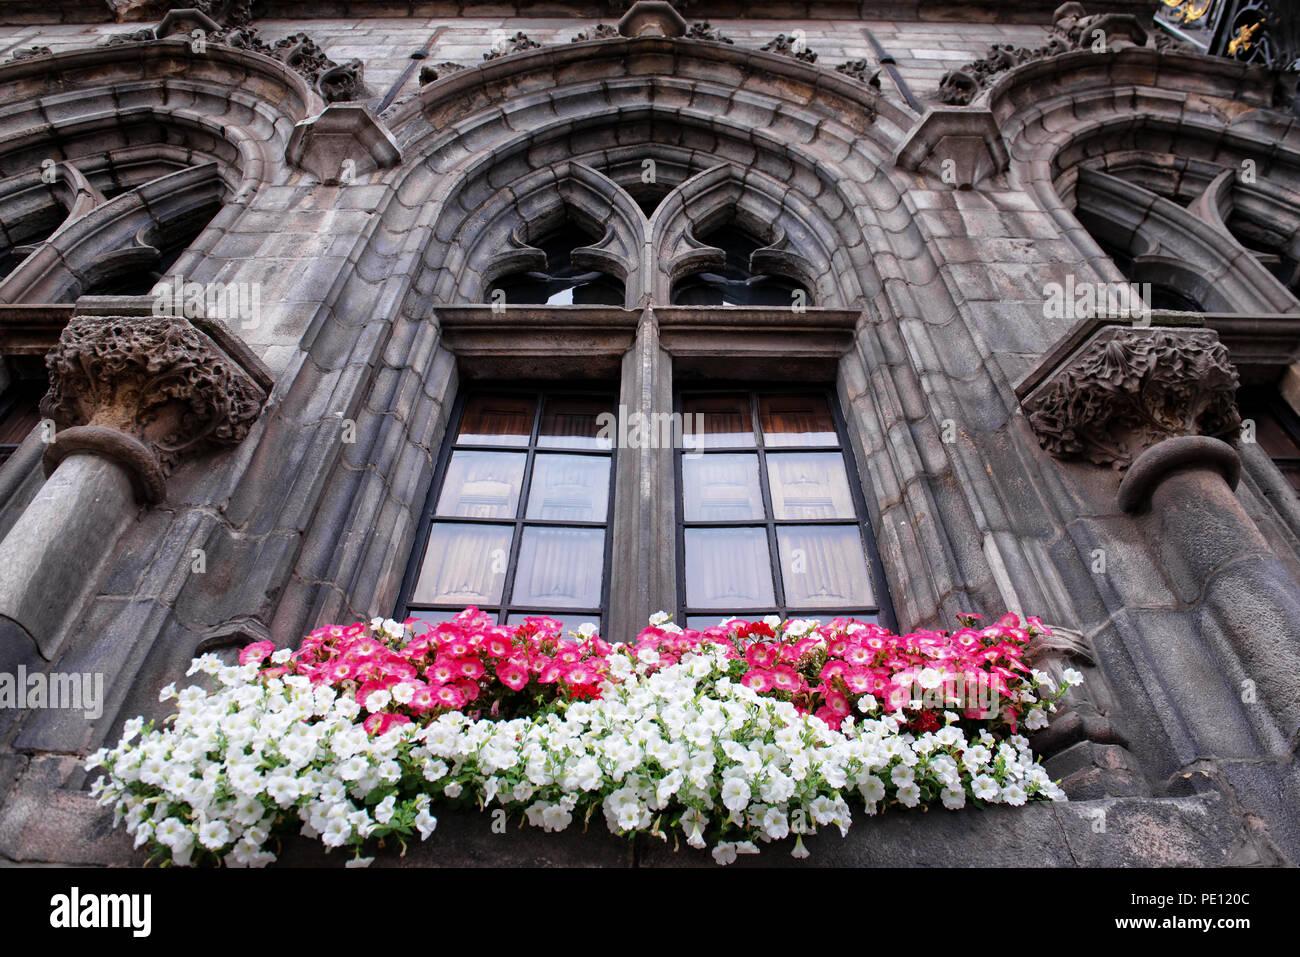 Blumen Von Petunia Dekorieren Ein Gotisches Fenster Des Rathauses In